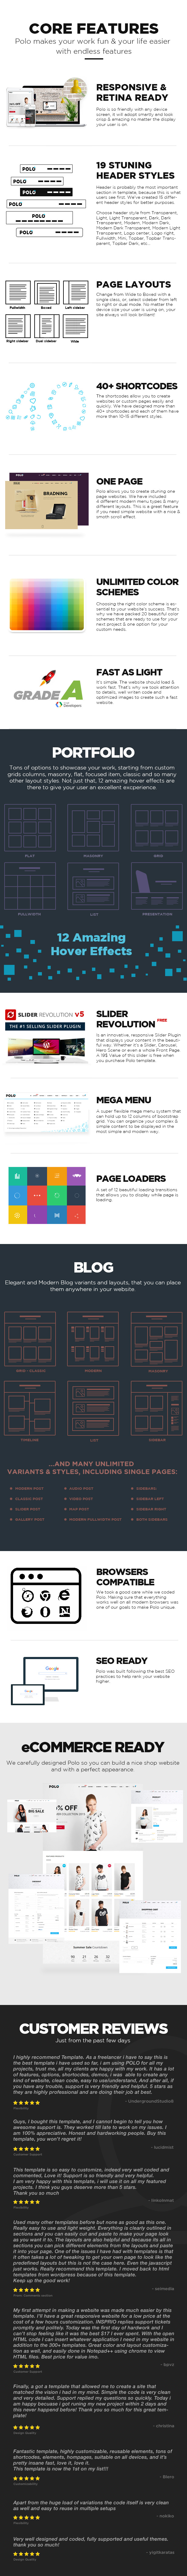 Polo - Responsive Multi-Purpose HTML5 Template - 12